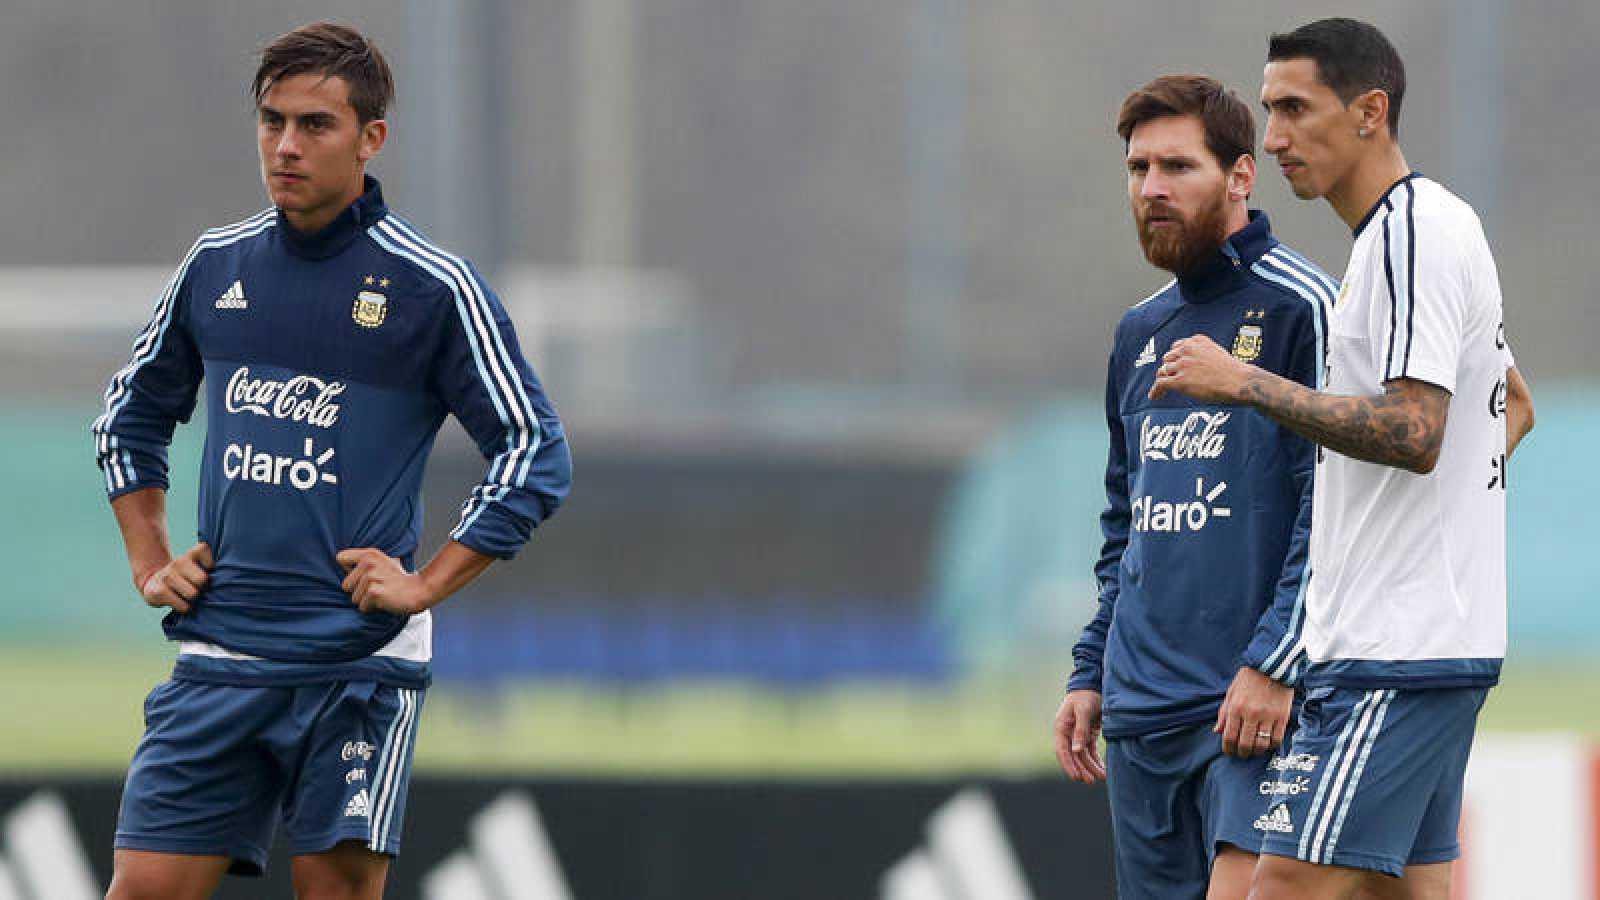 De izquierda a derecha, Dybala, Messi y Di María, en un entrenamiento de Argentina.